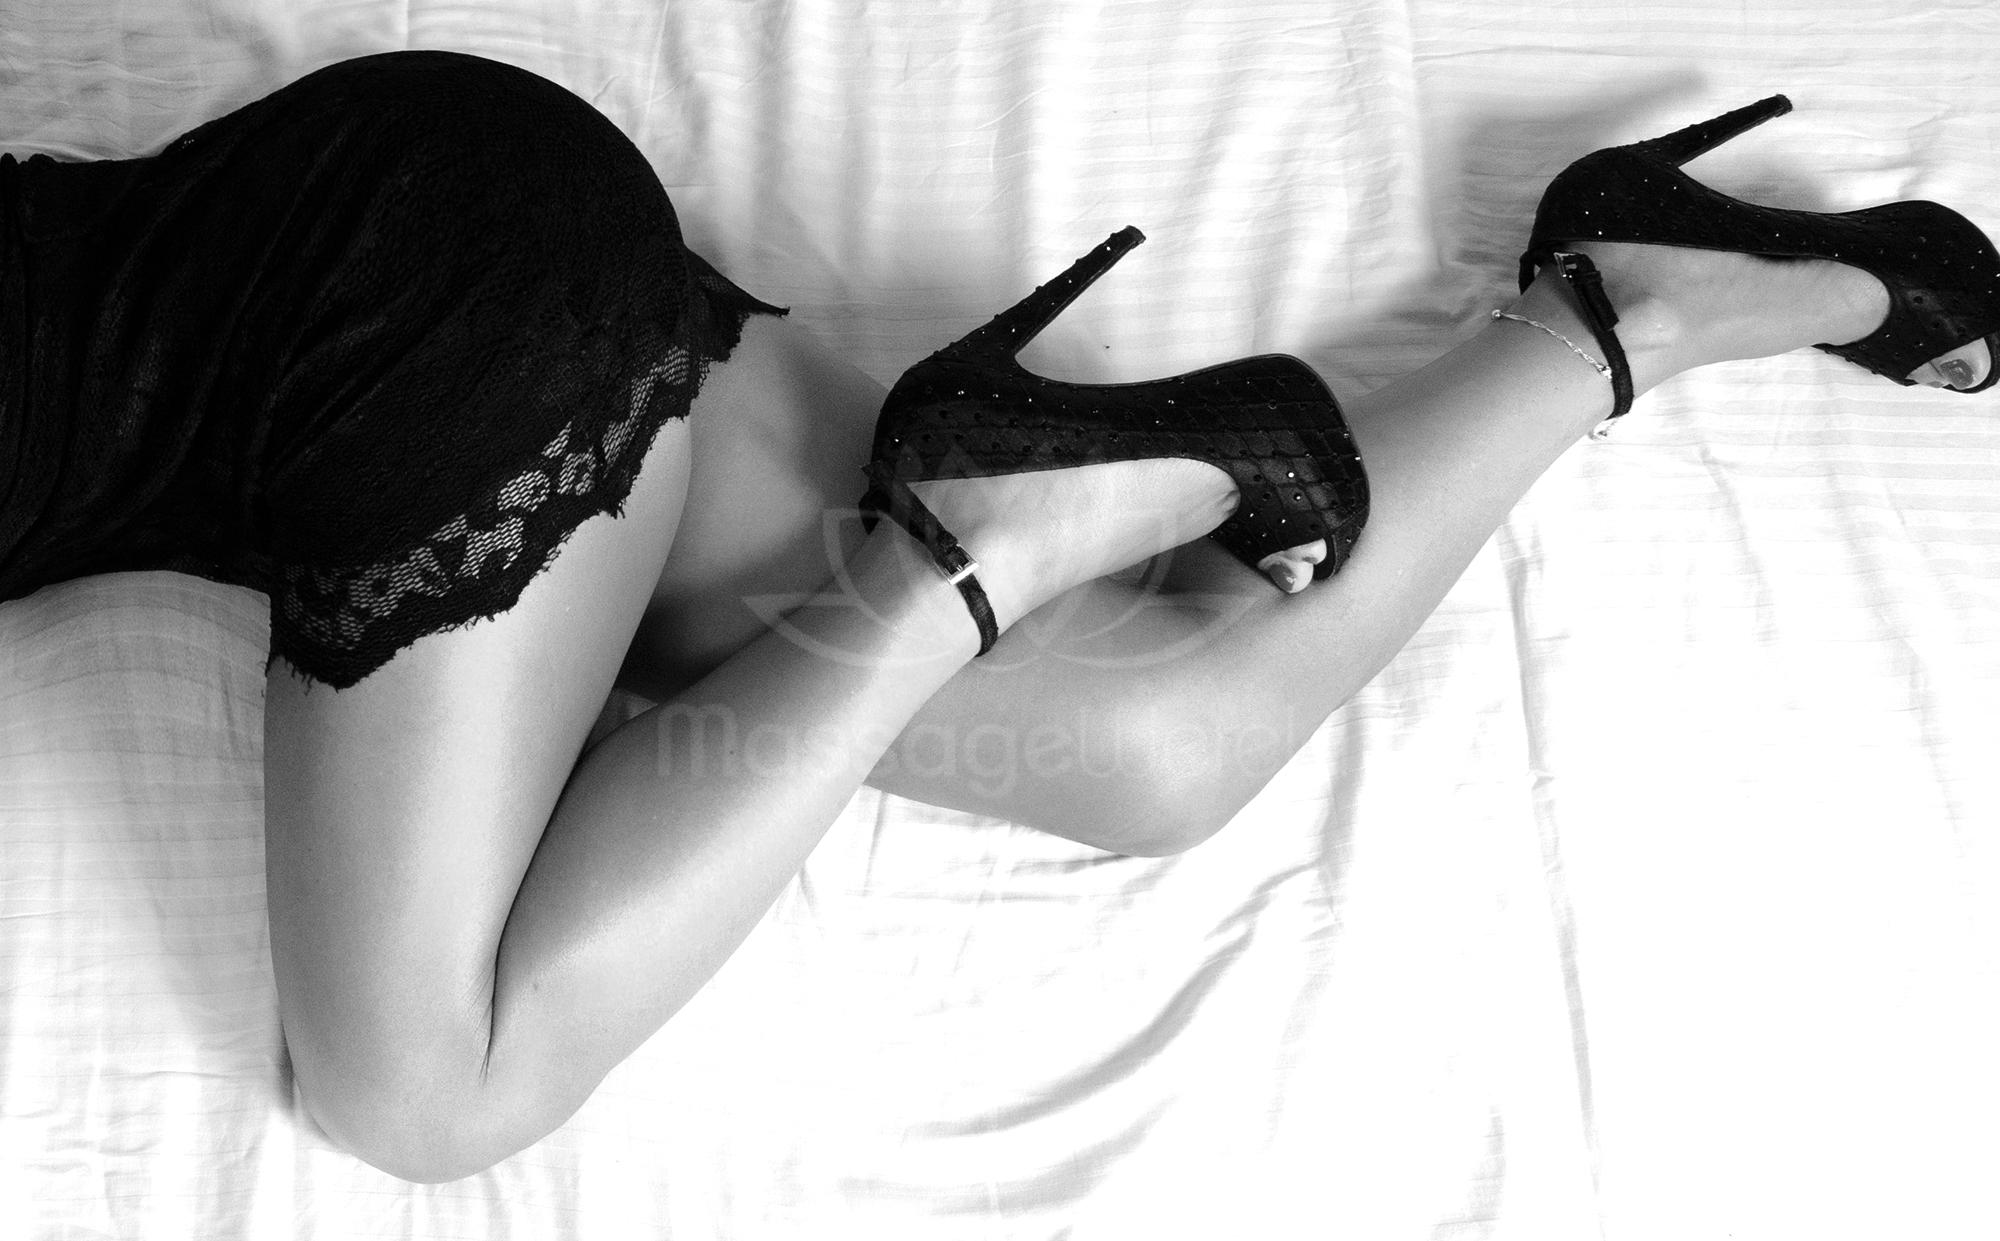 sexkontakte hof sex spiele für zwei